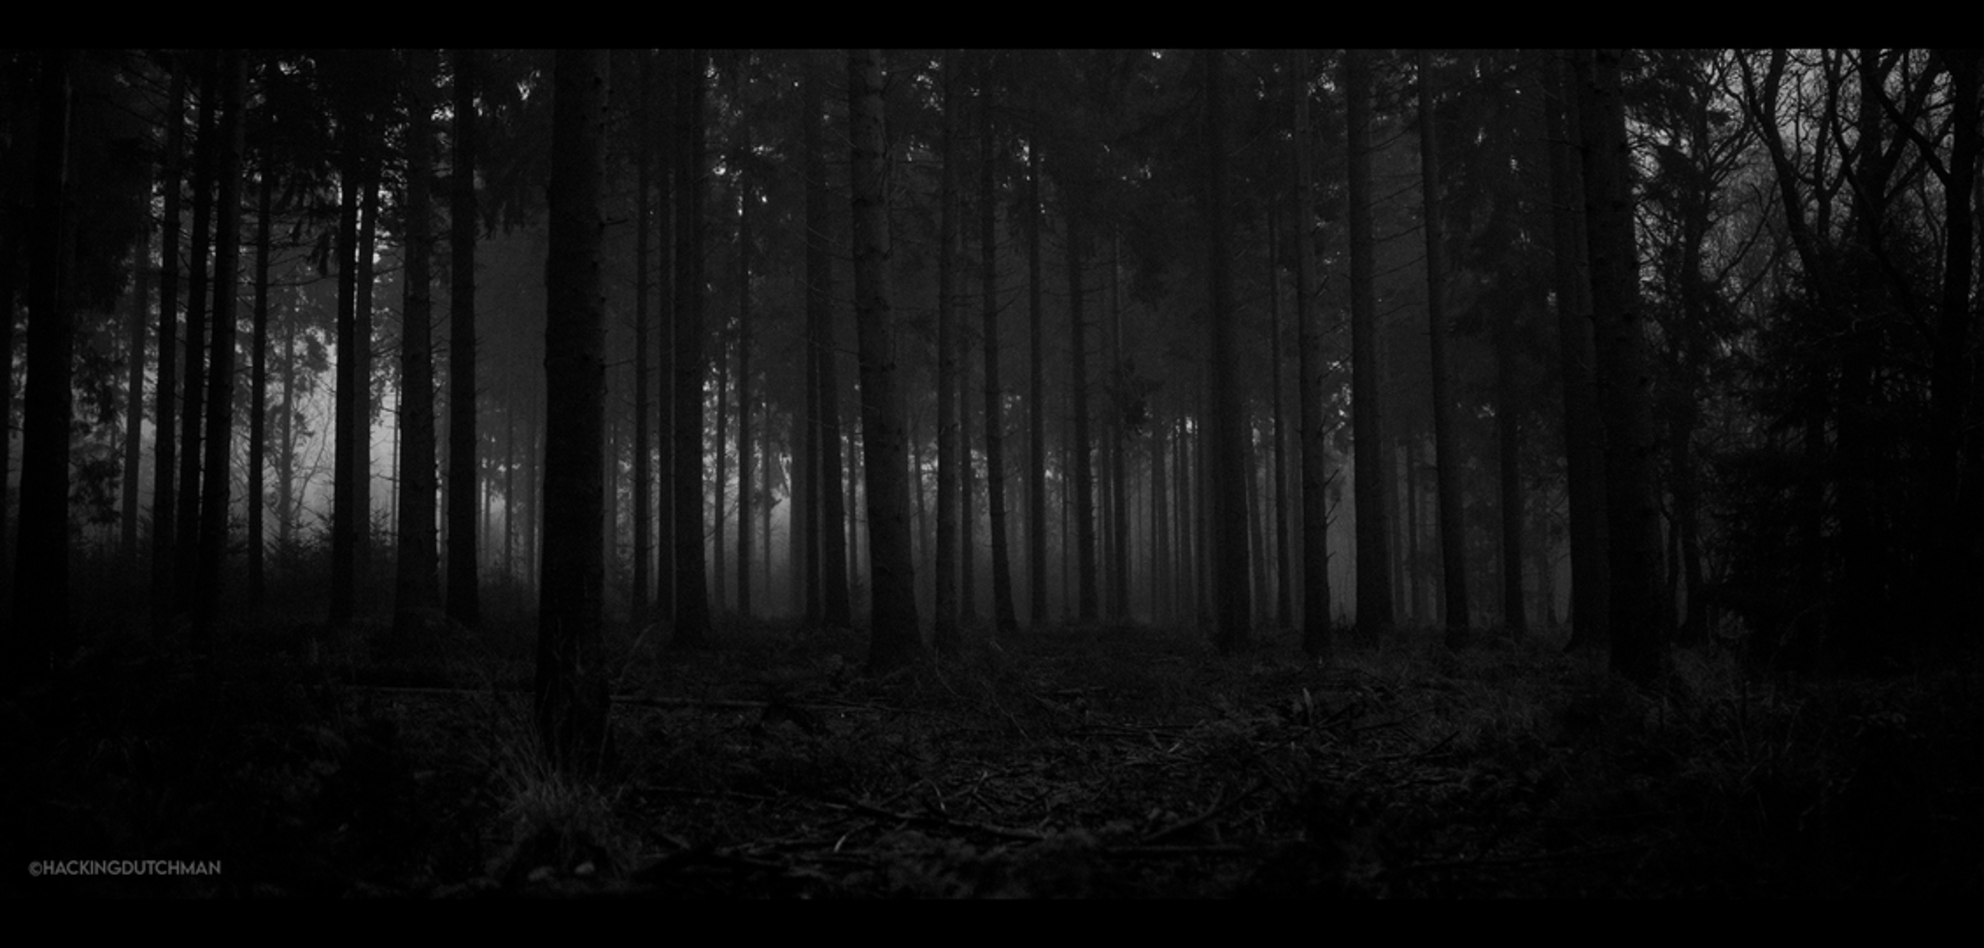 Avondval - Een experiment. Met weinig licht uit de hand nog een plaatje proberen te schieten in het bos. Hoge ISO, lage sluitertijd en heel stil blijven staan. - foto door motionman op 14-12-2020 - deze foto bevat: donker, test, natuur, licht, hoog, avond, landschap, bos, experiment, bomen, silhouet, horror, nacht, film, zwartwit, sfeer, korrel, eng, iso, hoge, weinig, sfeervol, korrelig, scene, oranjewoud, macabre, nachtval, scenisch - Deze foto mag gebruikt worden in een Zoom.nl publicatie